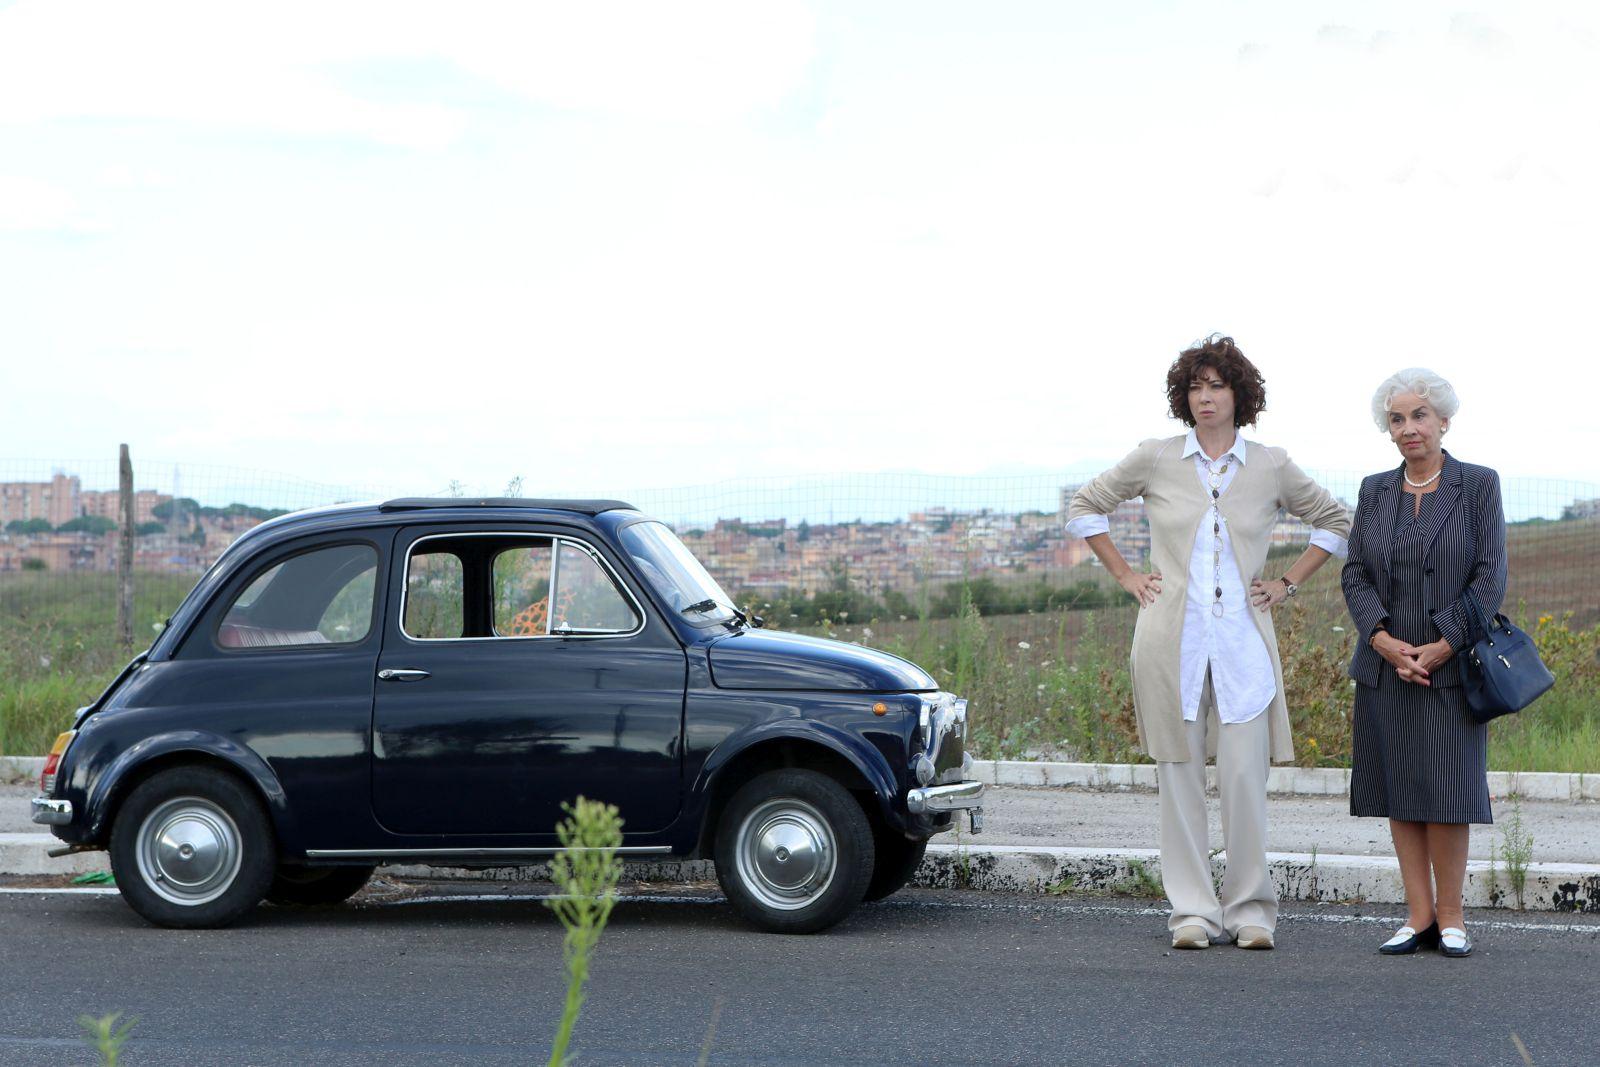 Né Giulietta né Romeo: Veronica Pivetti e Pia Engleberth in una scena del film